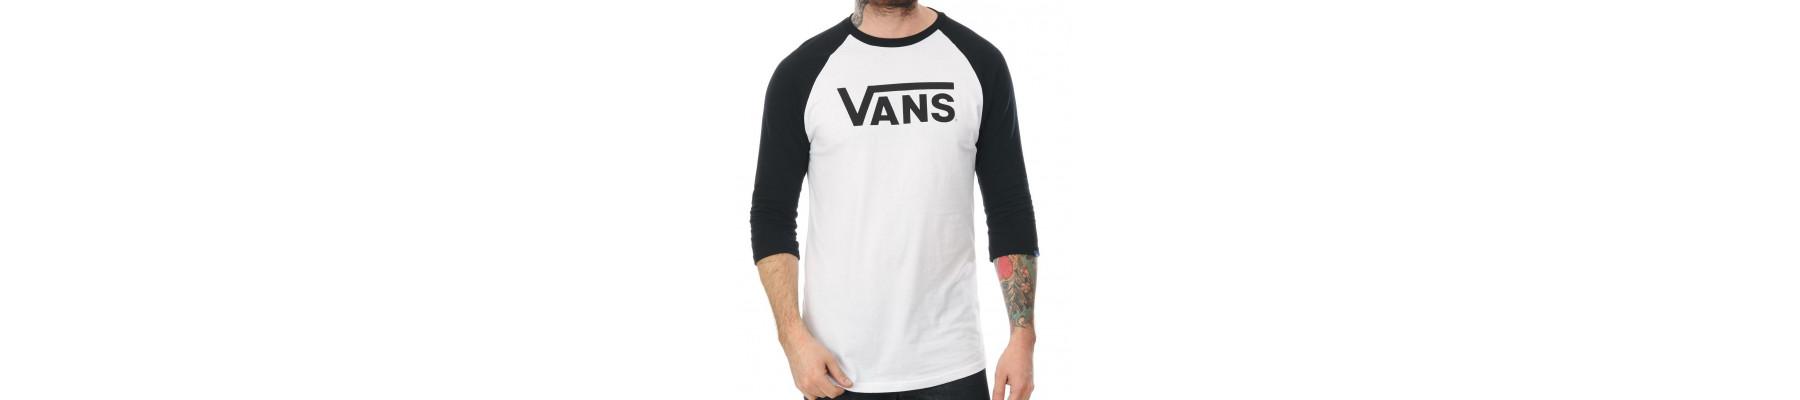 VANS CLASSIC RAGL WHITE BLACK